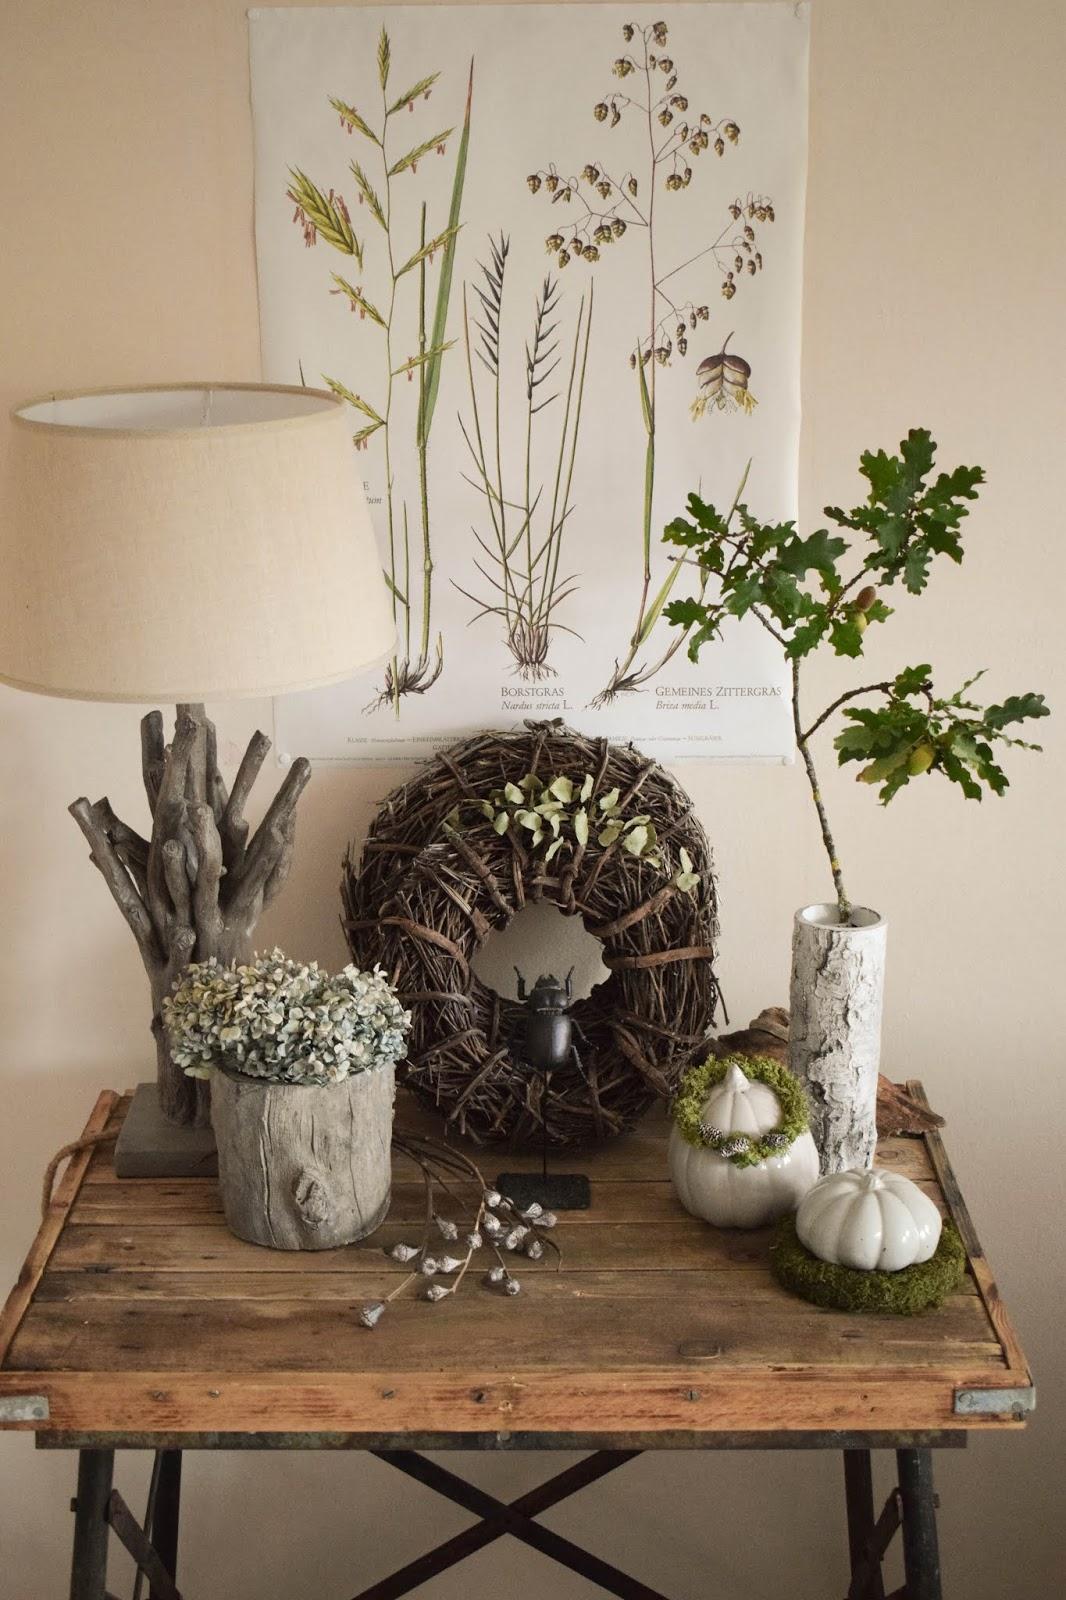 Deko Herbst für Konsole und Sideboard mit Eicheln. Herbstdeko Dekoidee Wohnzimmer Dekoration eiche eicheln botanisch natuerlich dekorieren kränze